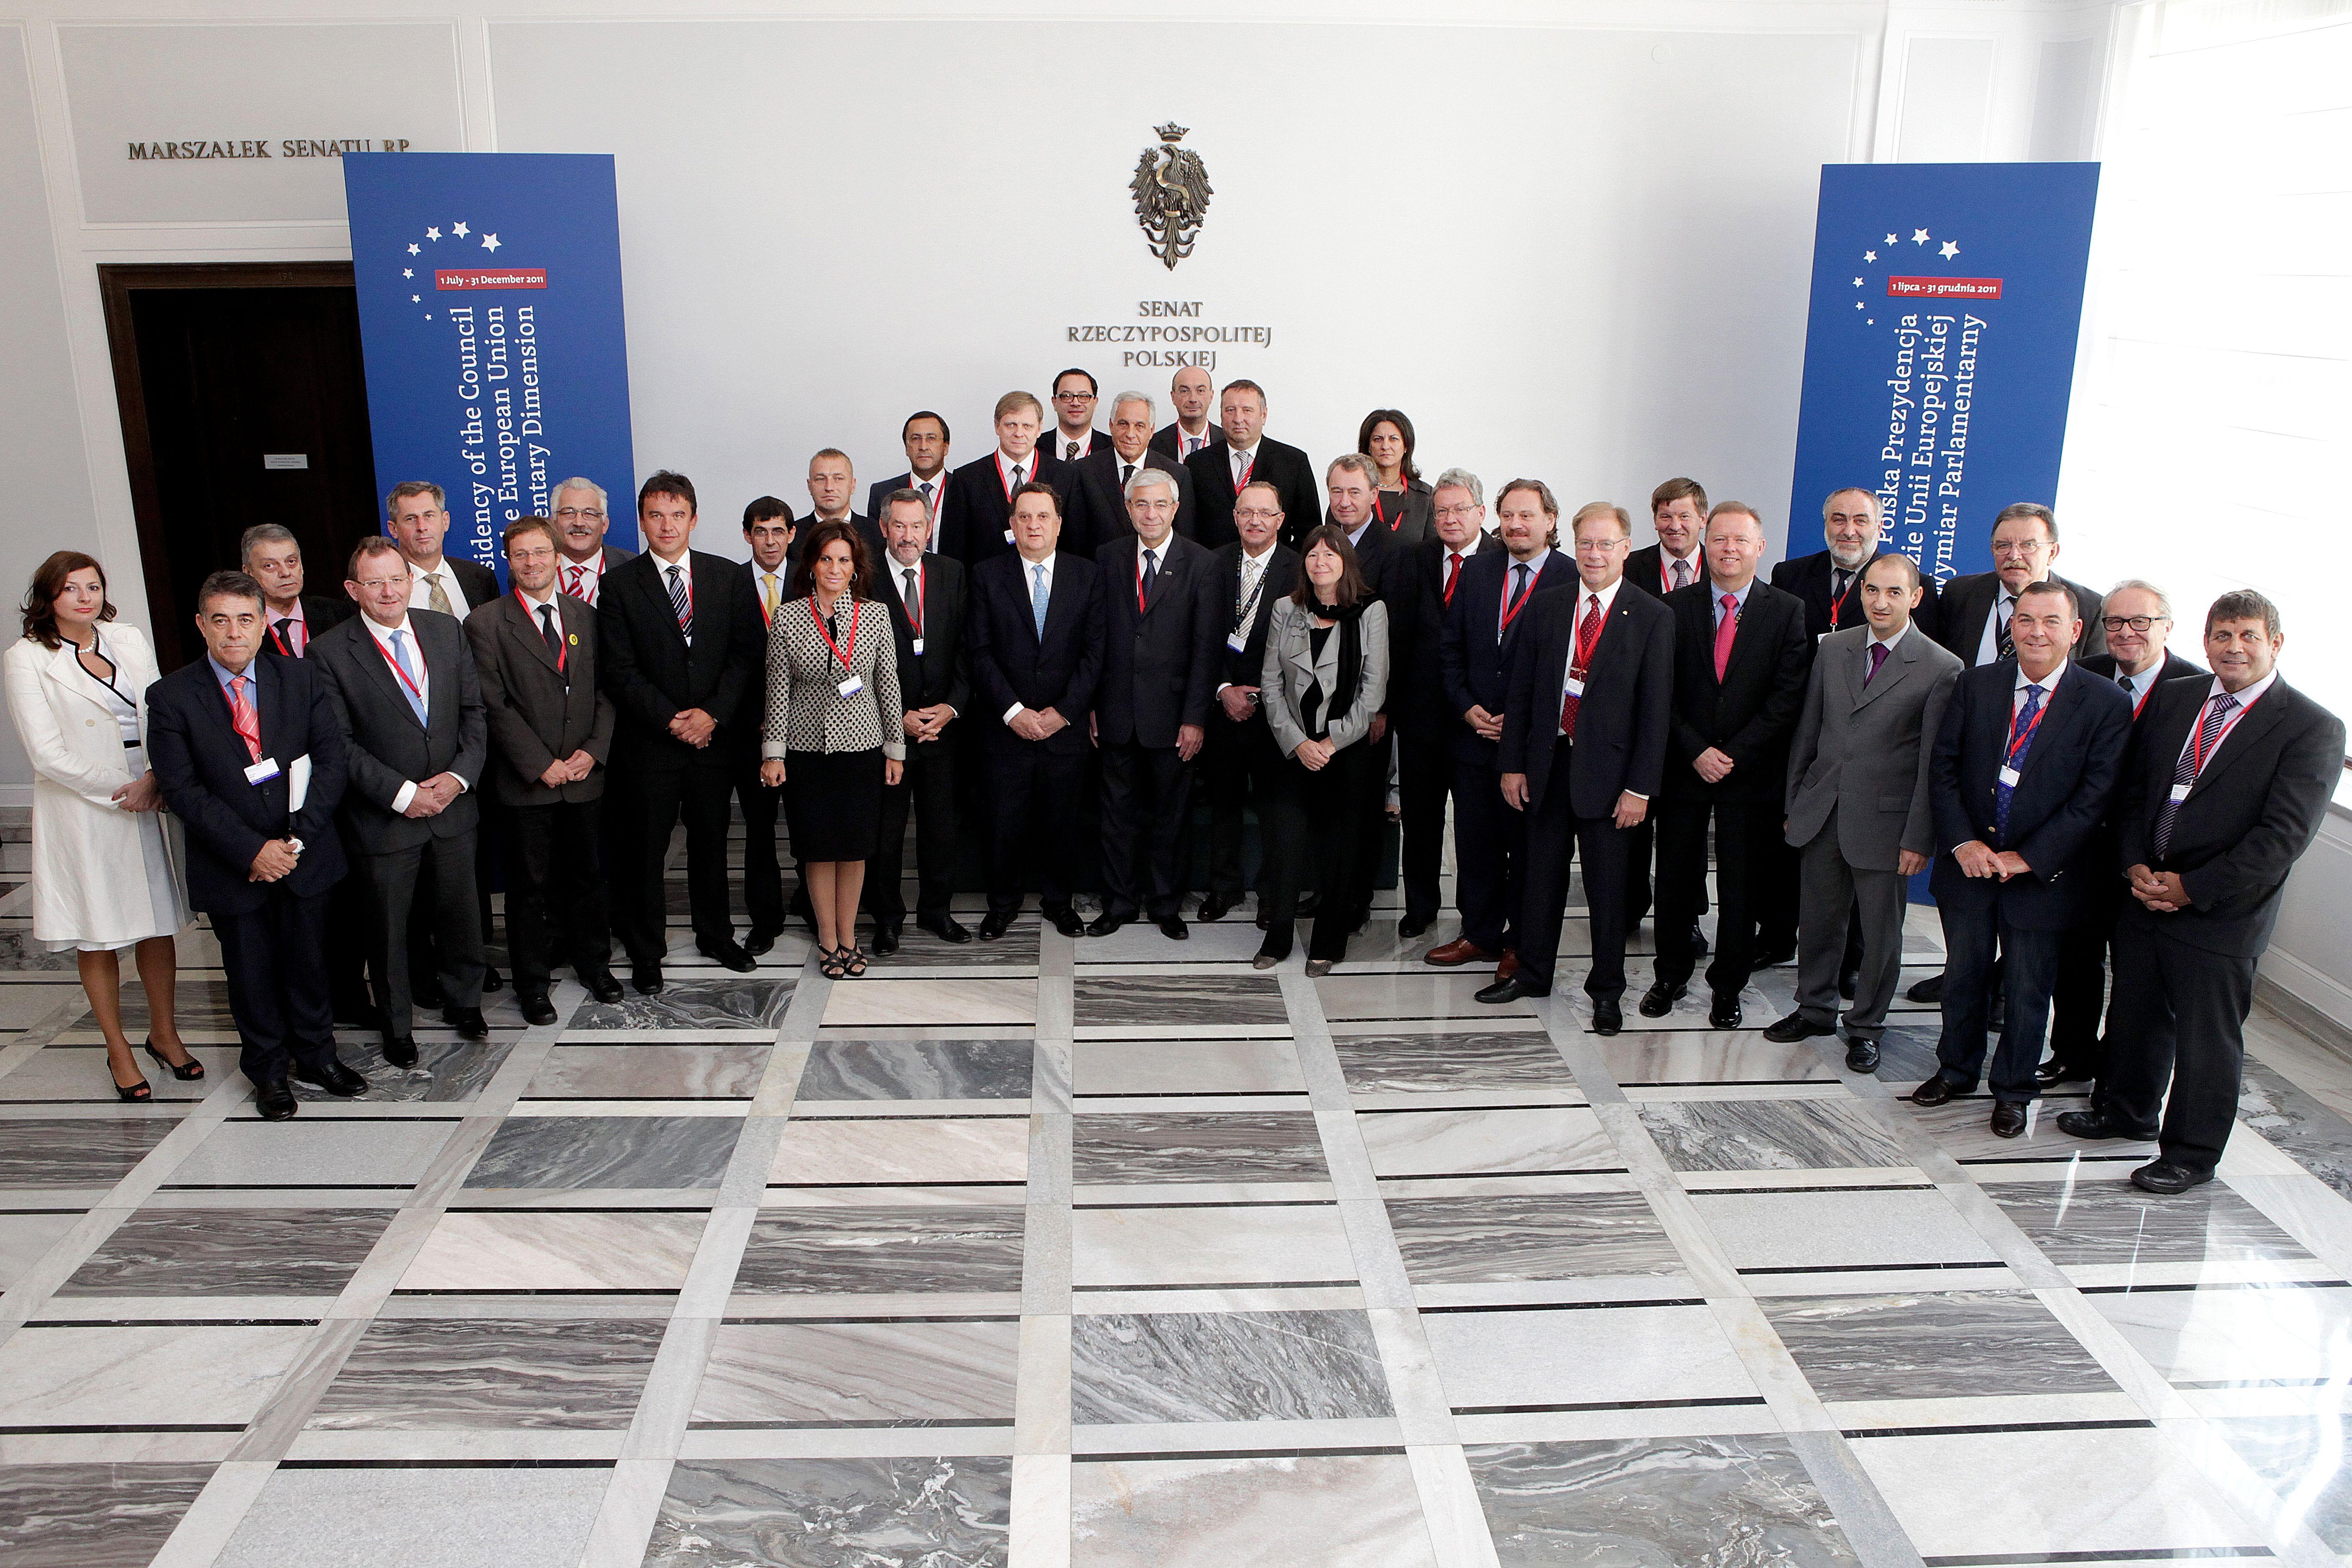 spotkanie polityków